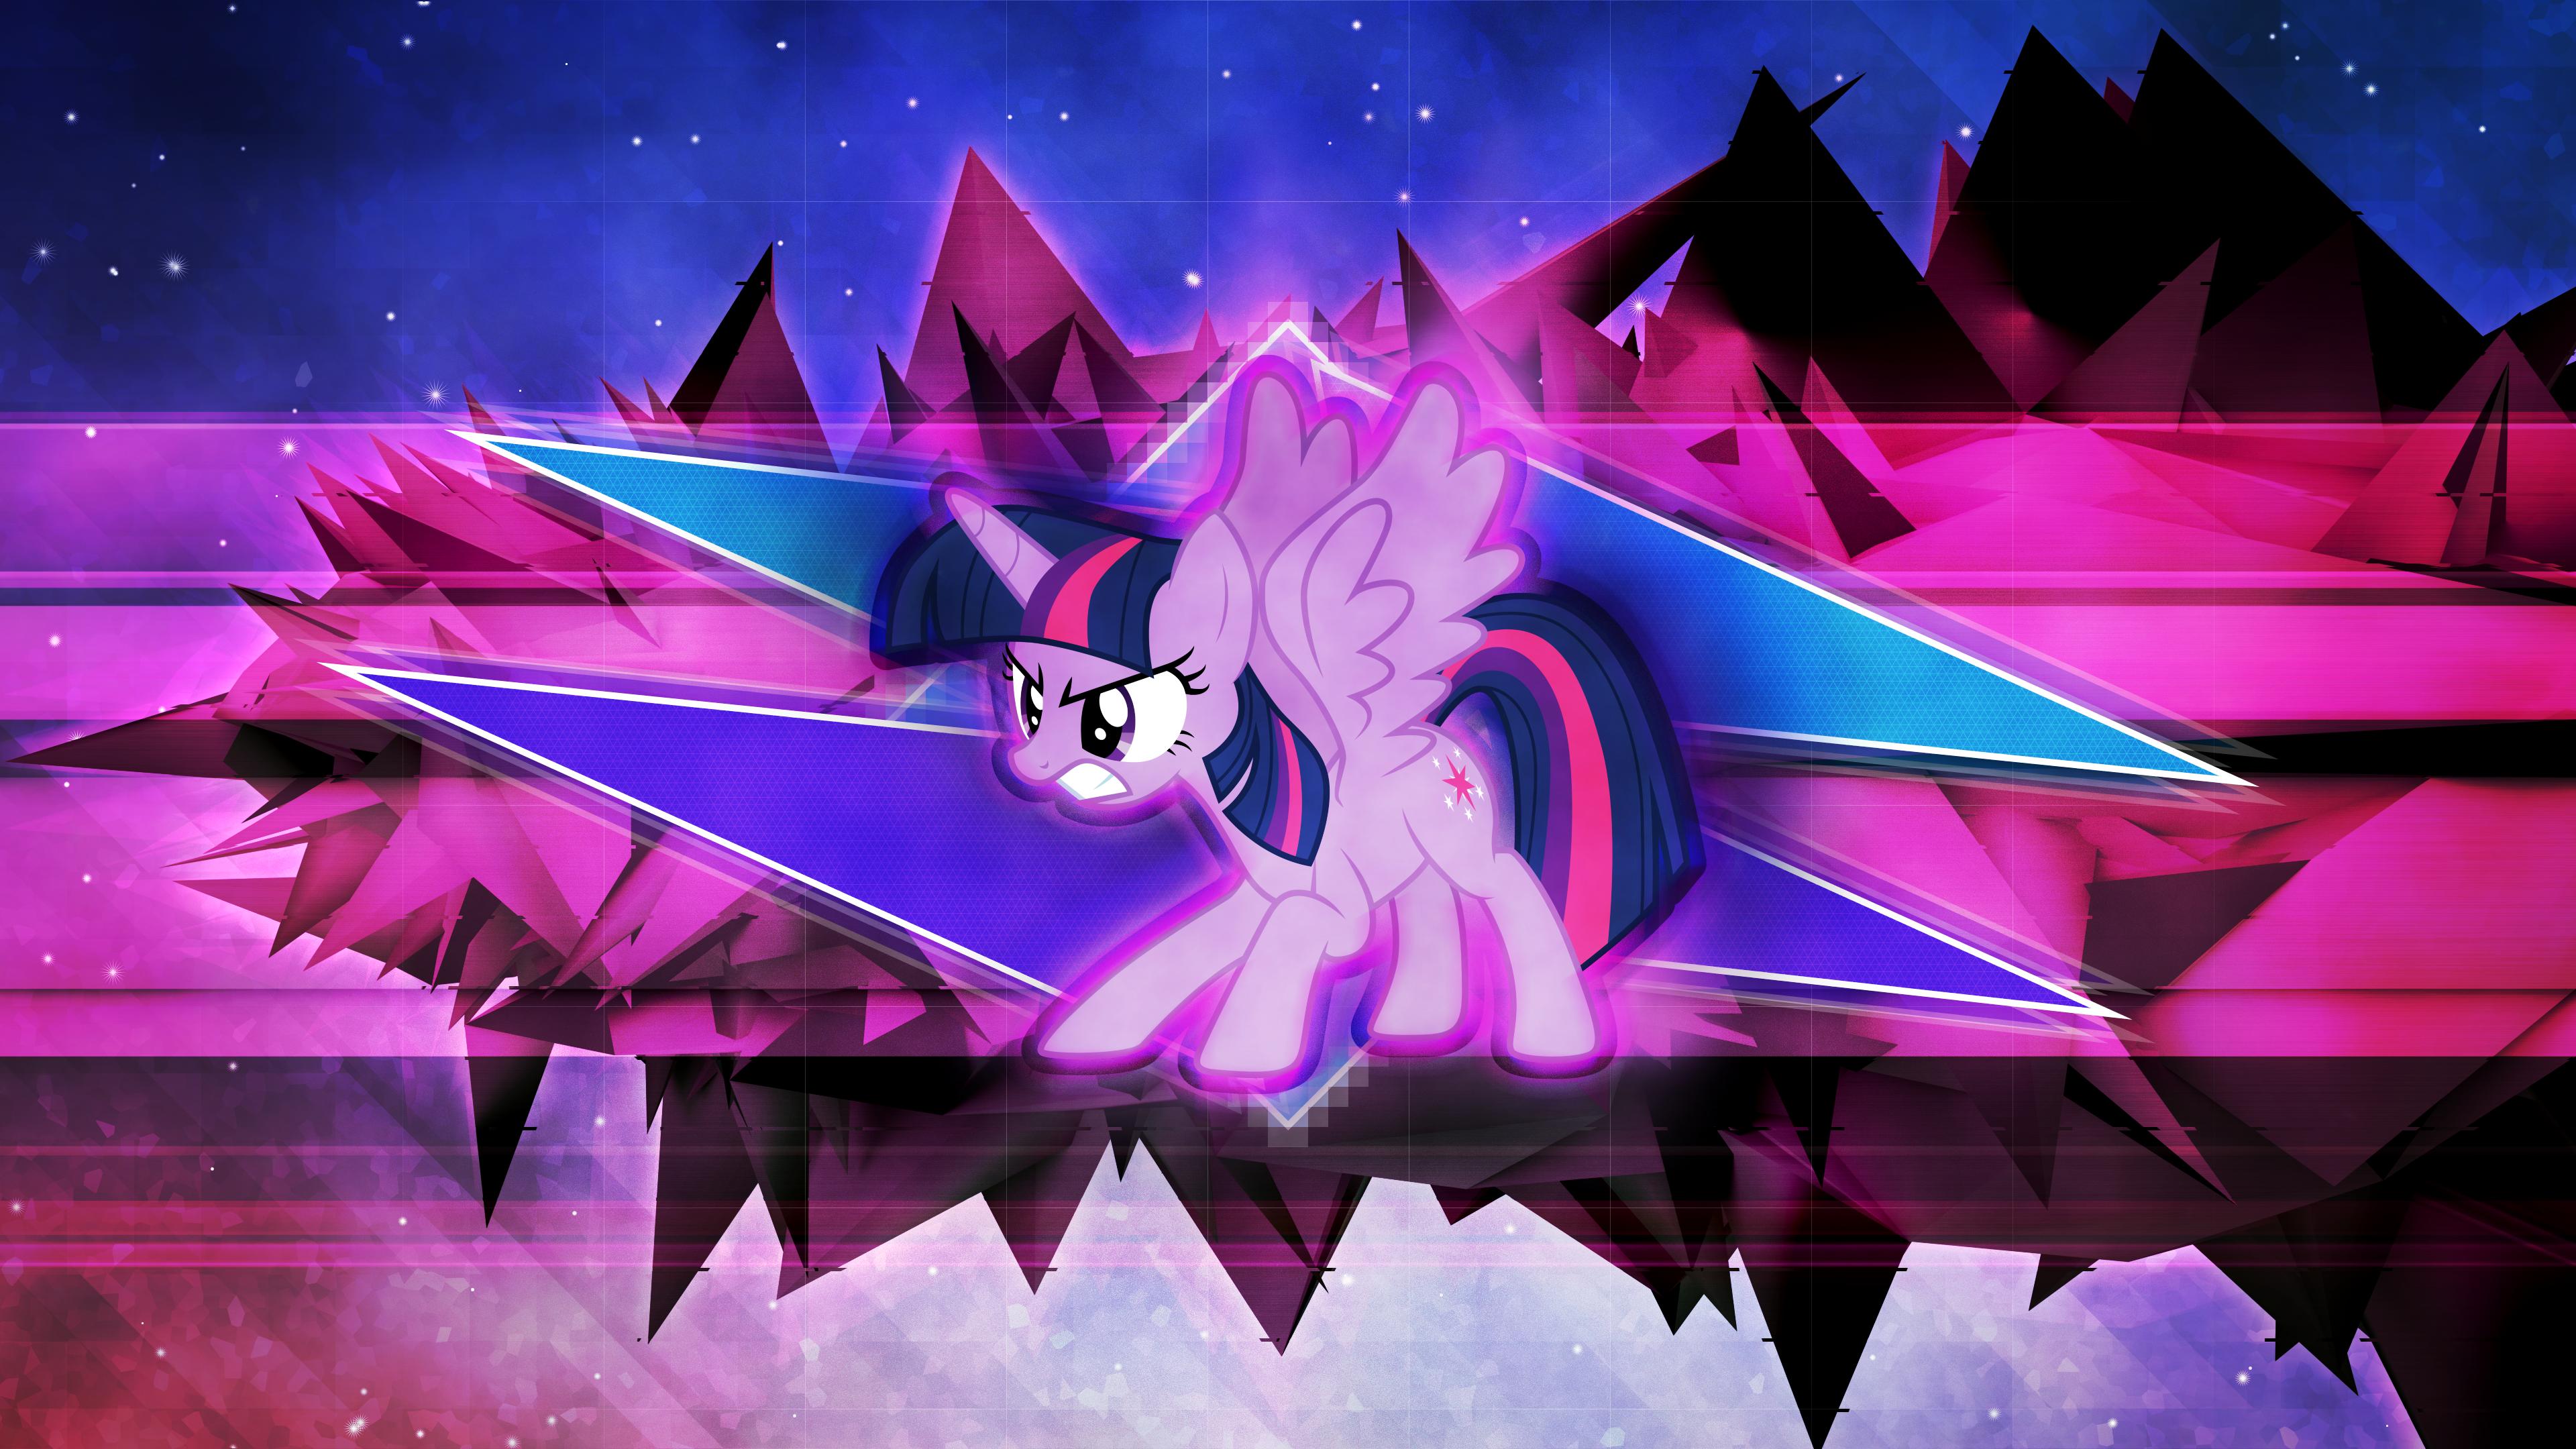 Twilight Rage